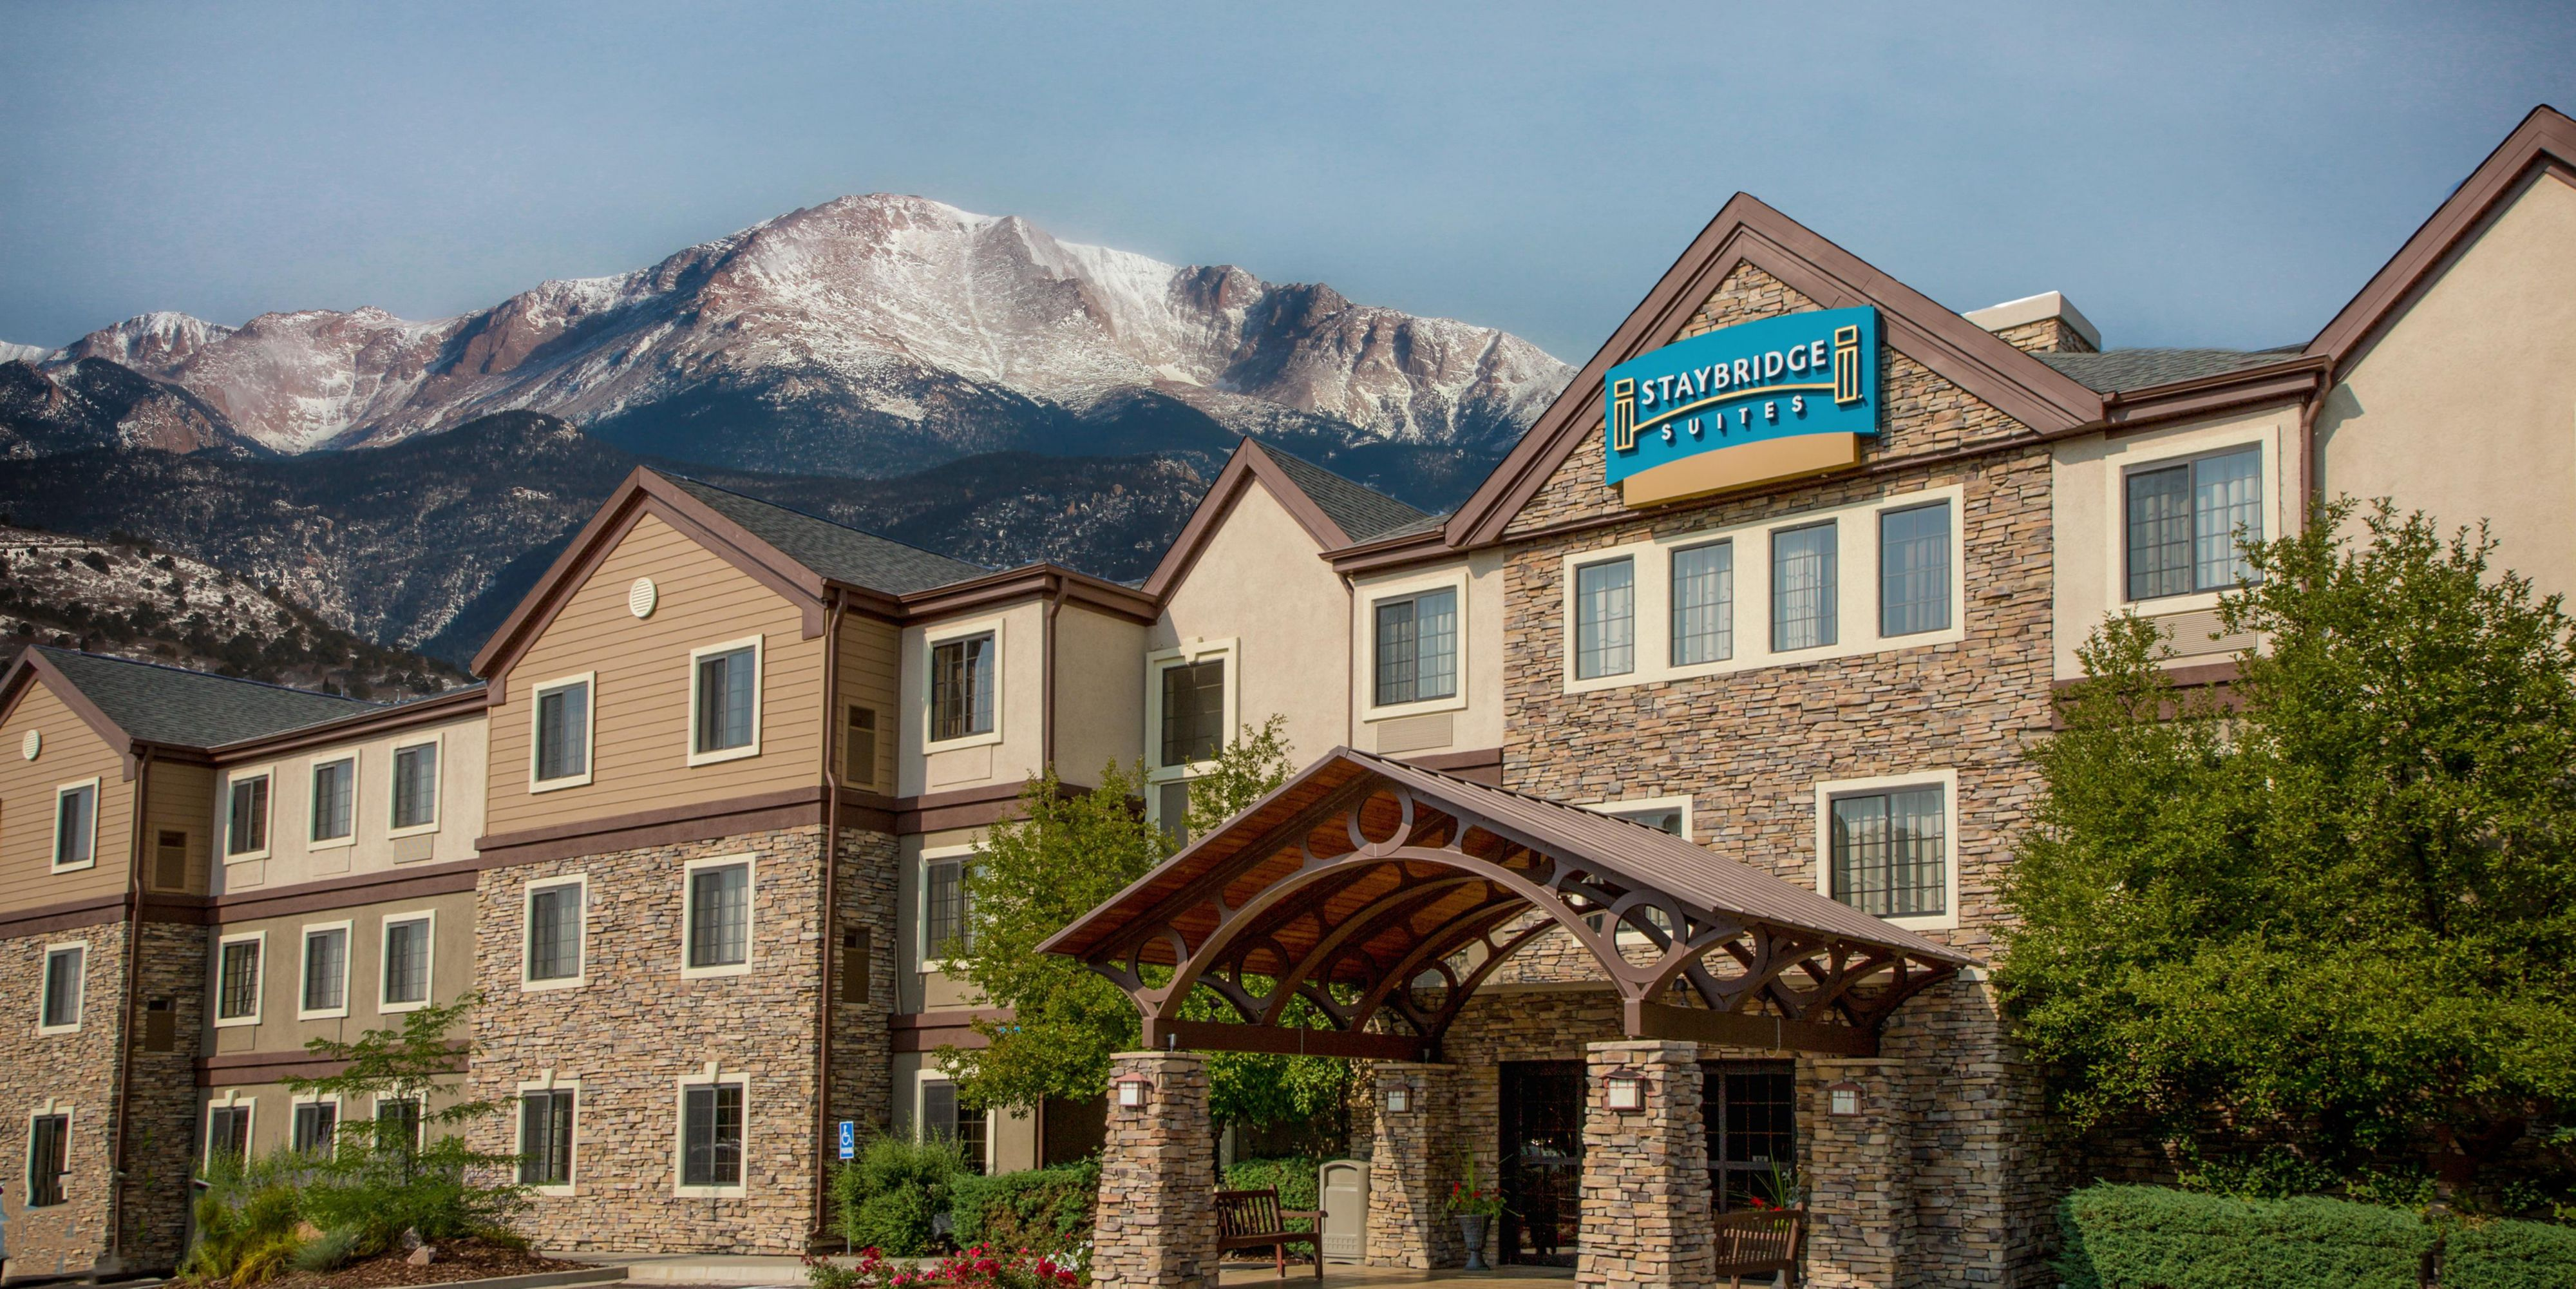 Staybridge Suites Colorado Springs North image 0